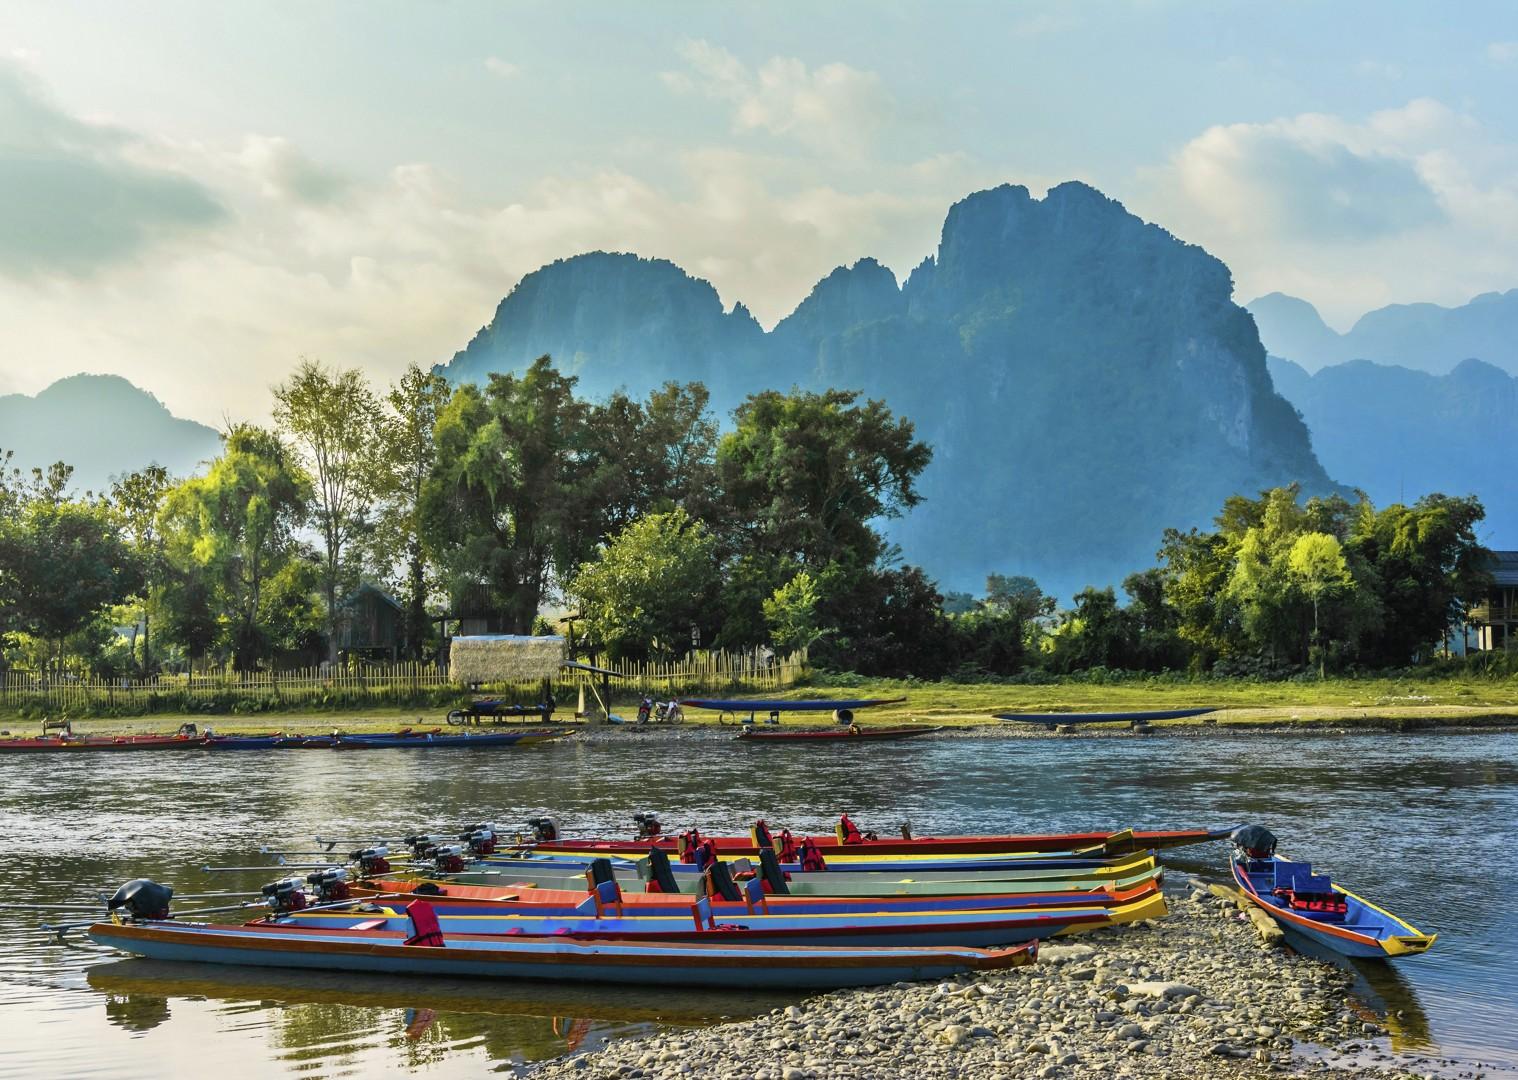 cycling-adventure-laos-holiday-NamSong-VangVieng.jpg - Laos - Hidden Treasures - Cycling Adventures